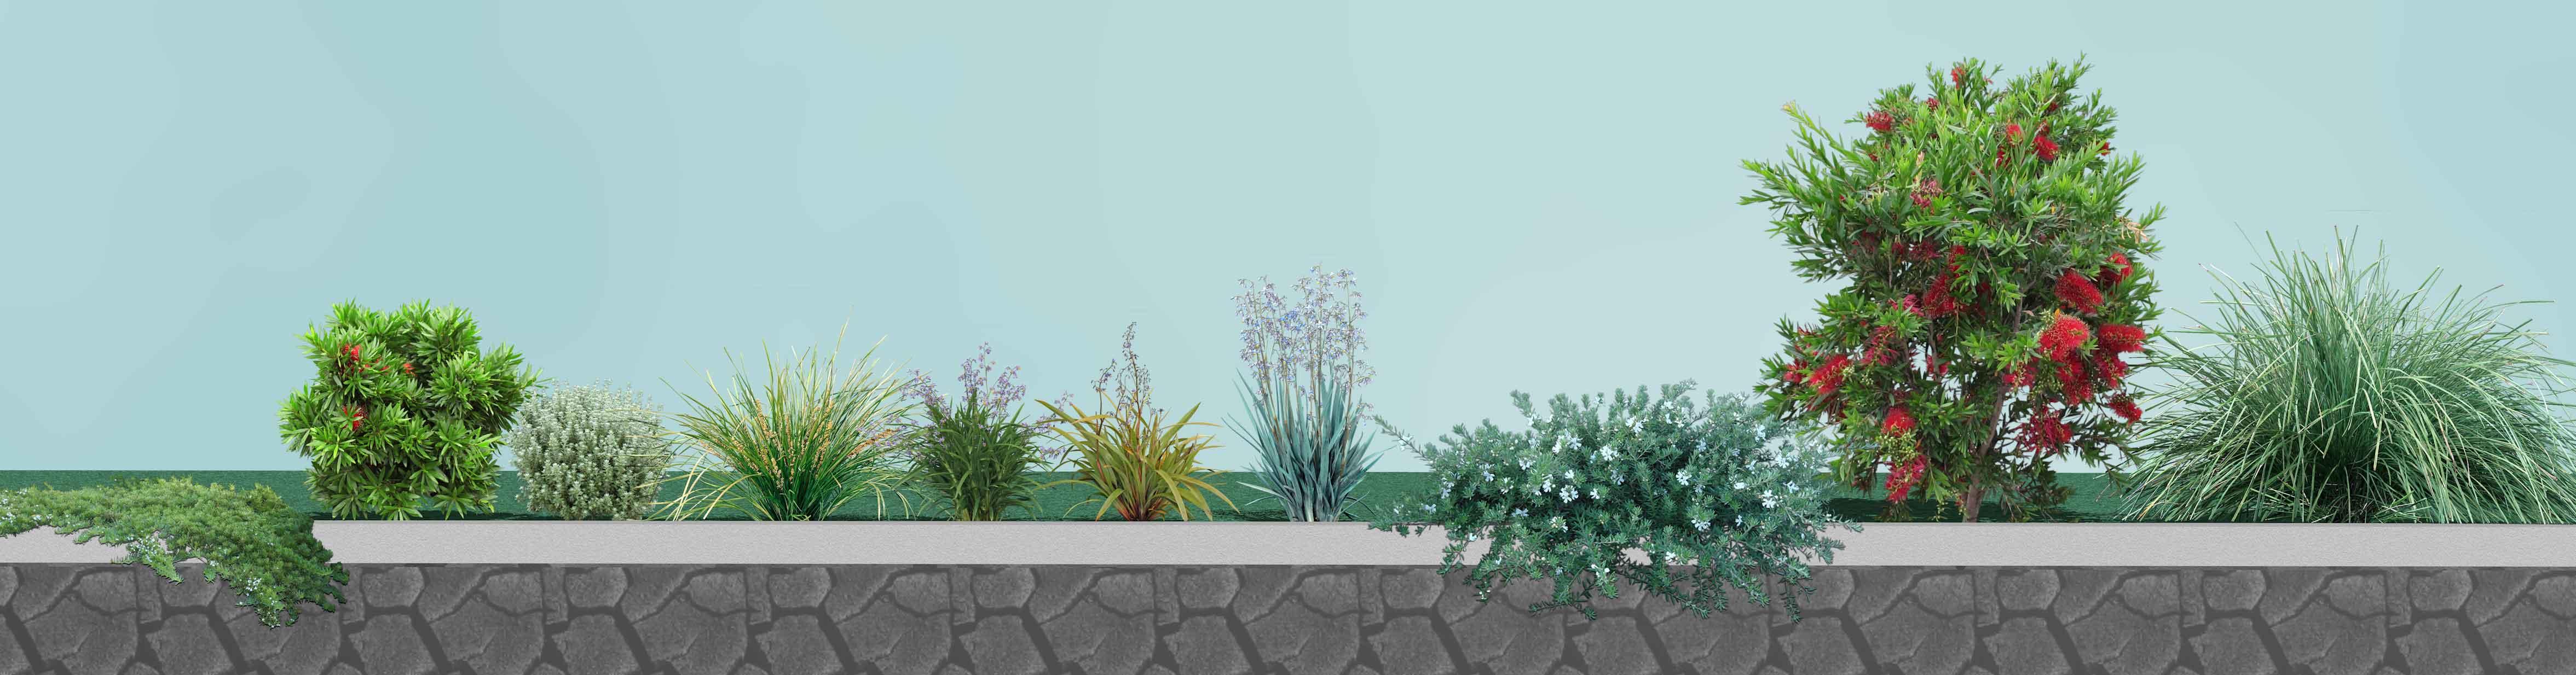 Native Plants for SA Group Plantings